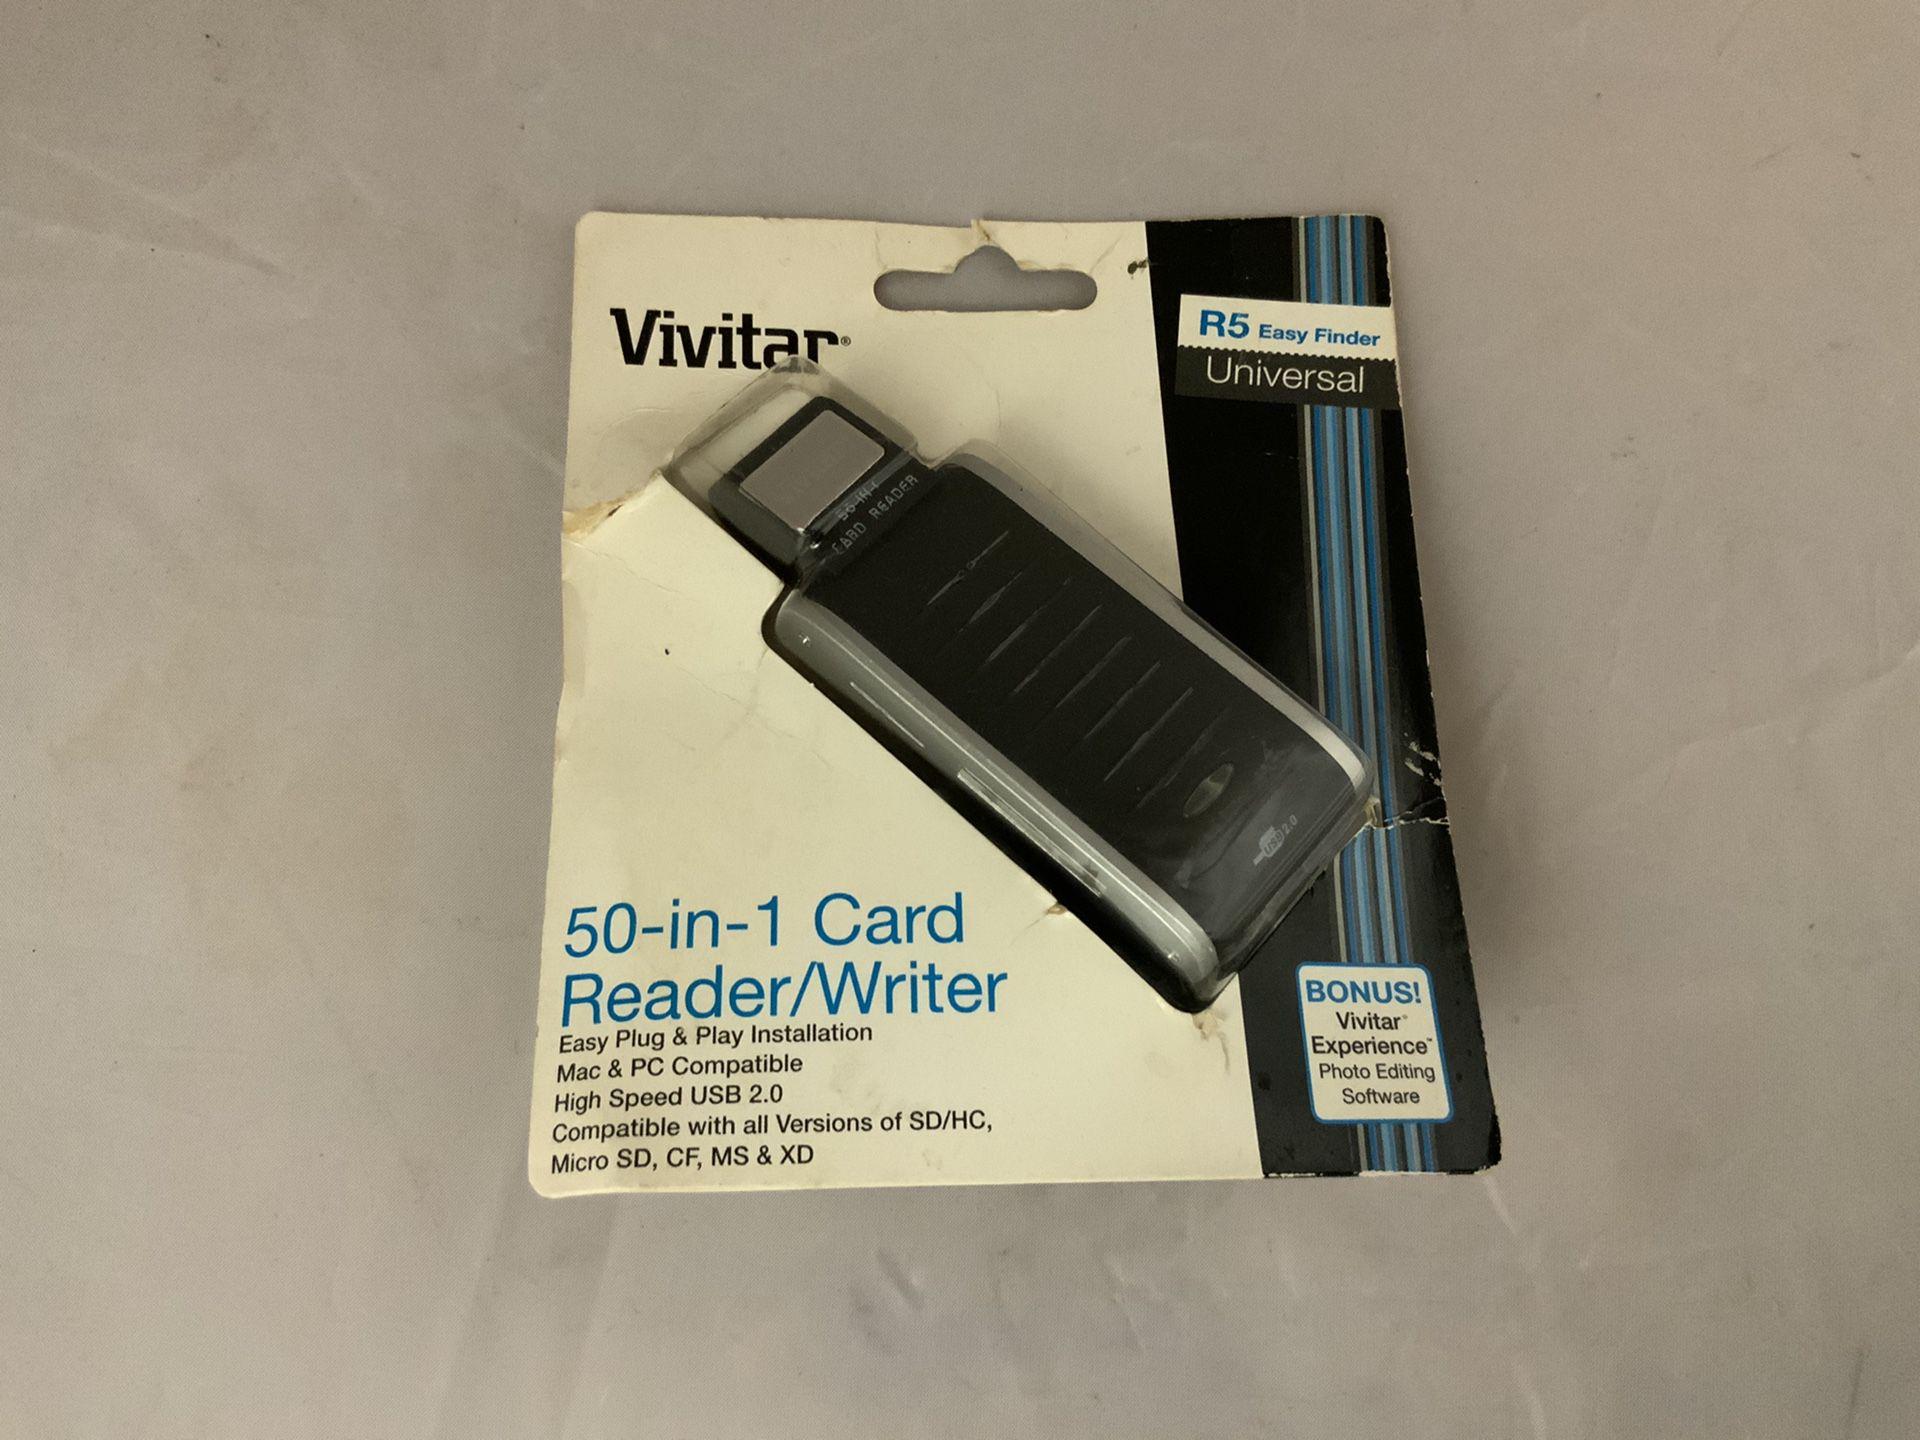 New 'vivitar' card reader